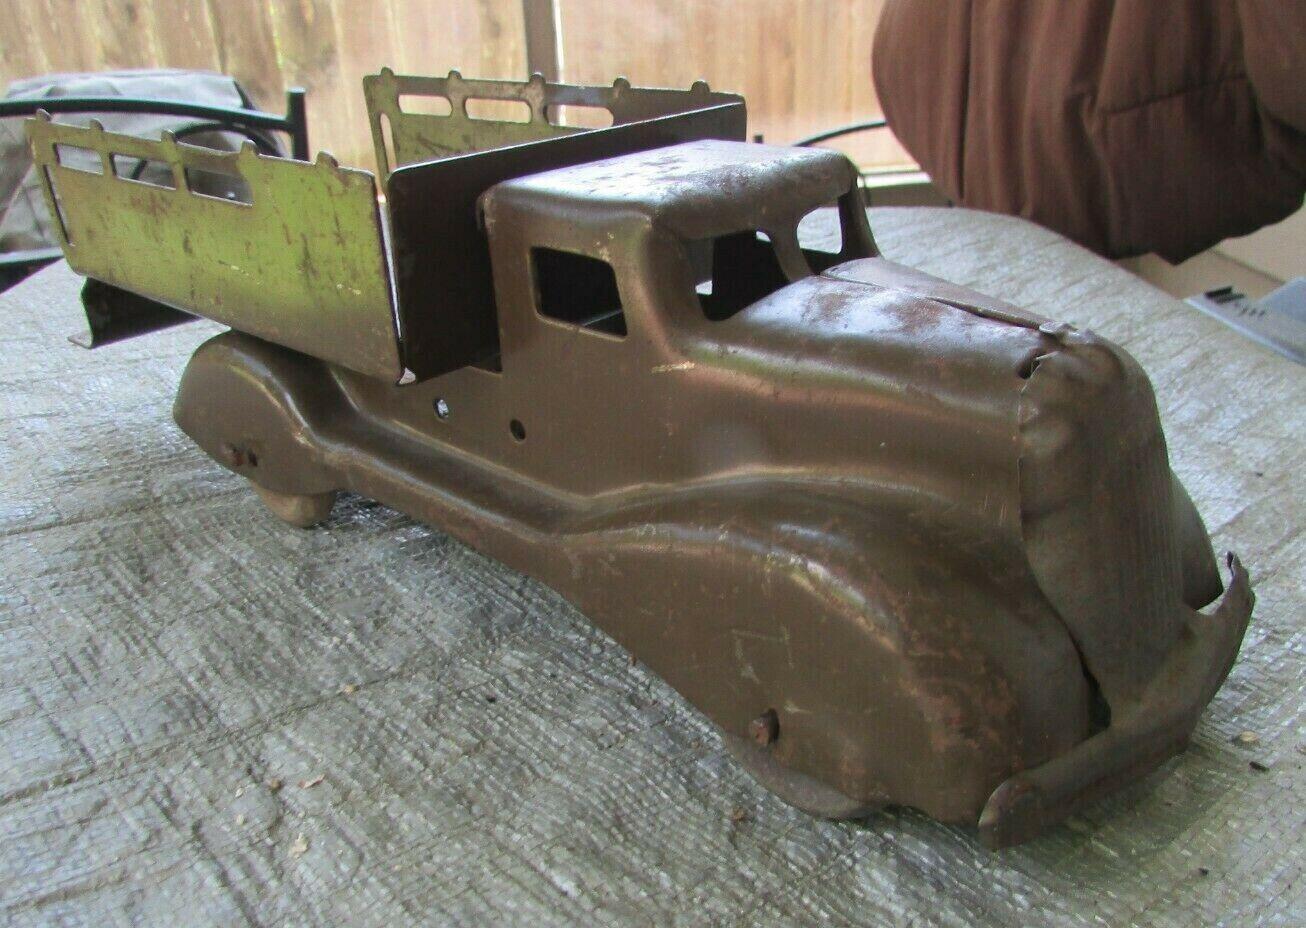 1930s Wyandotte Pressed Steel Grün Army Ammuntion Supplies Truck 11  G VG 3.0